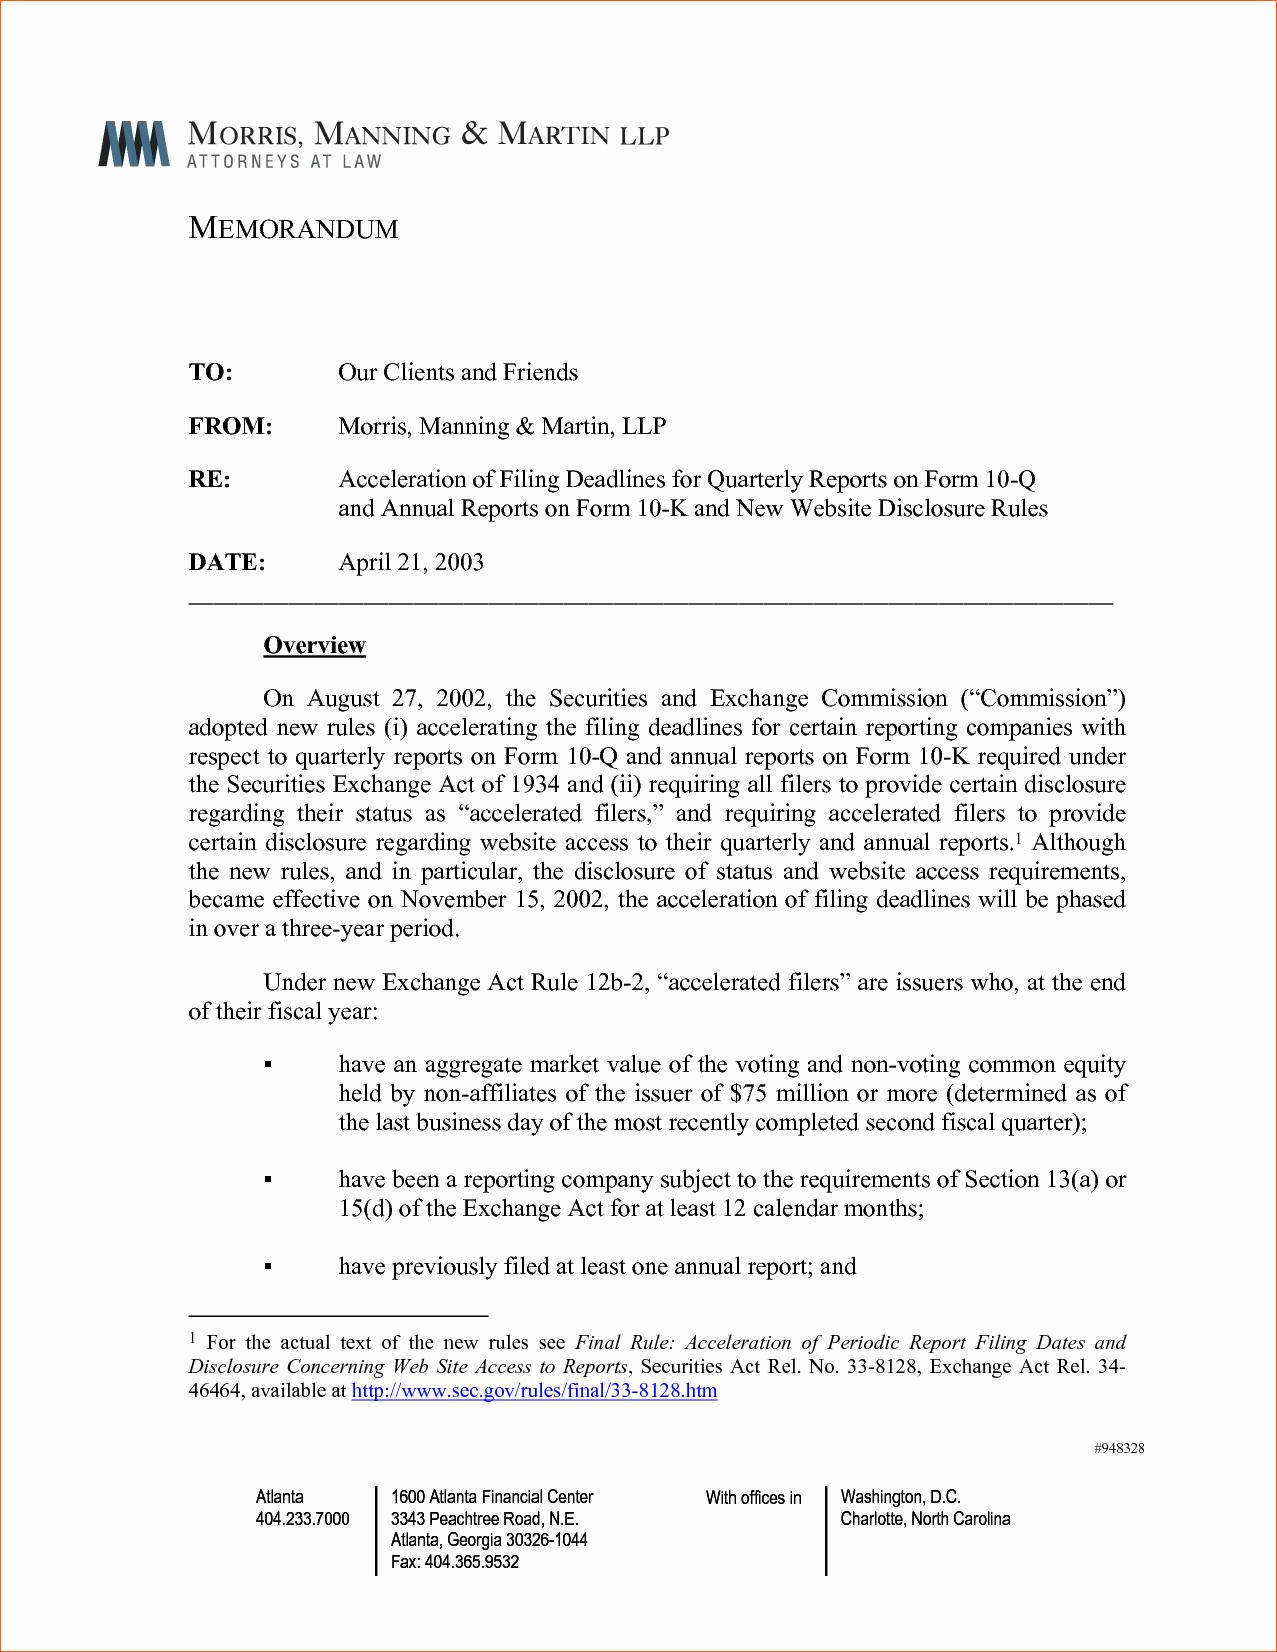 Format Of A Business Memorandum Best Of 6 Business Memo Examples